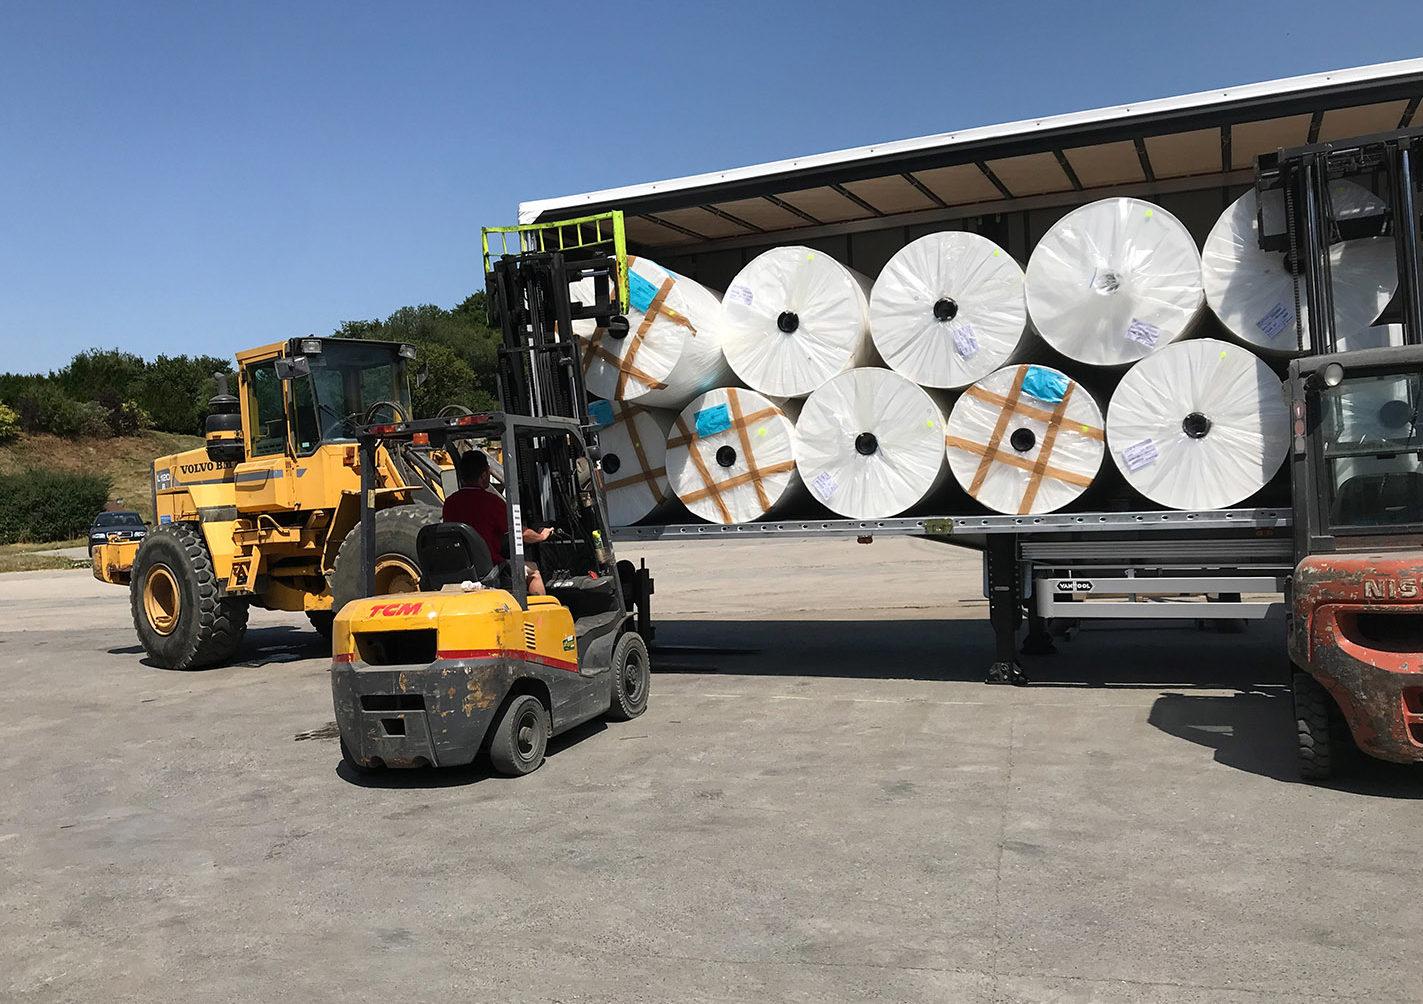 Service entreprise Arlon chargement déchargement produits lourds grands gabarits Zucarlux